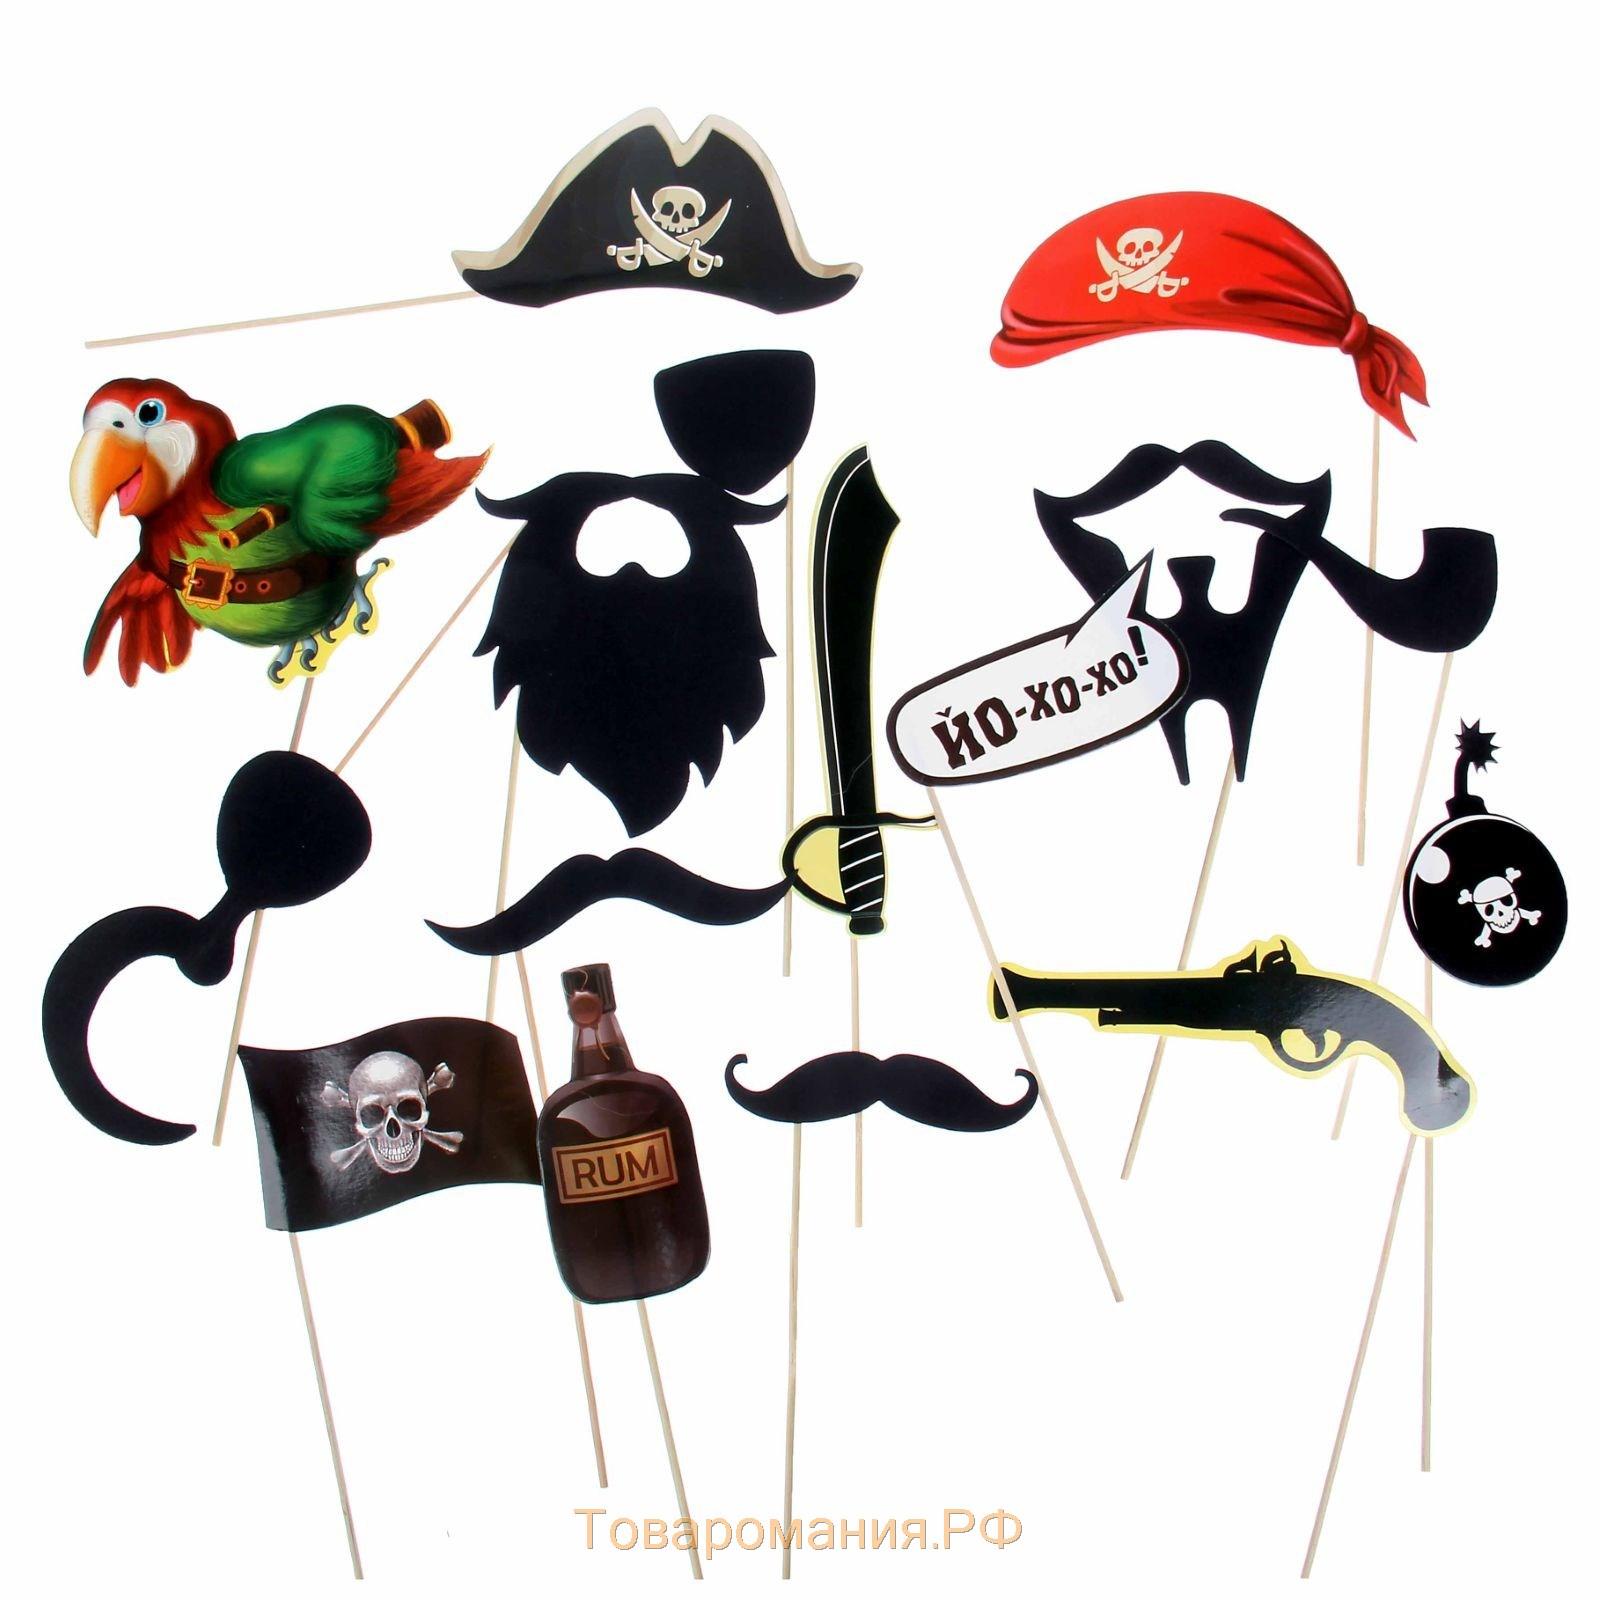 Вечеринка в стиле пиратов Карибского моря: приглашения 96